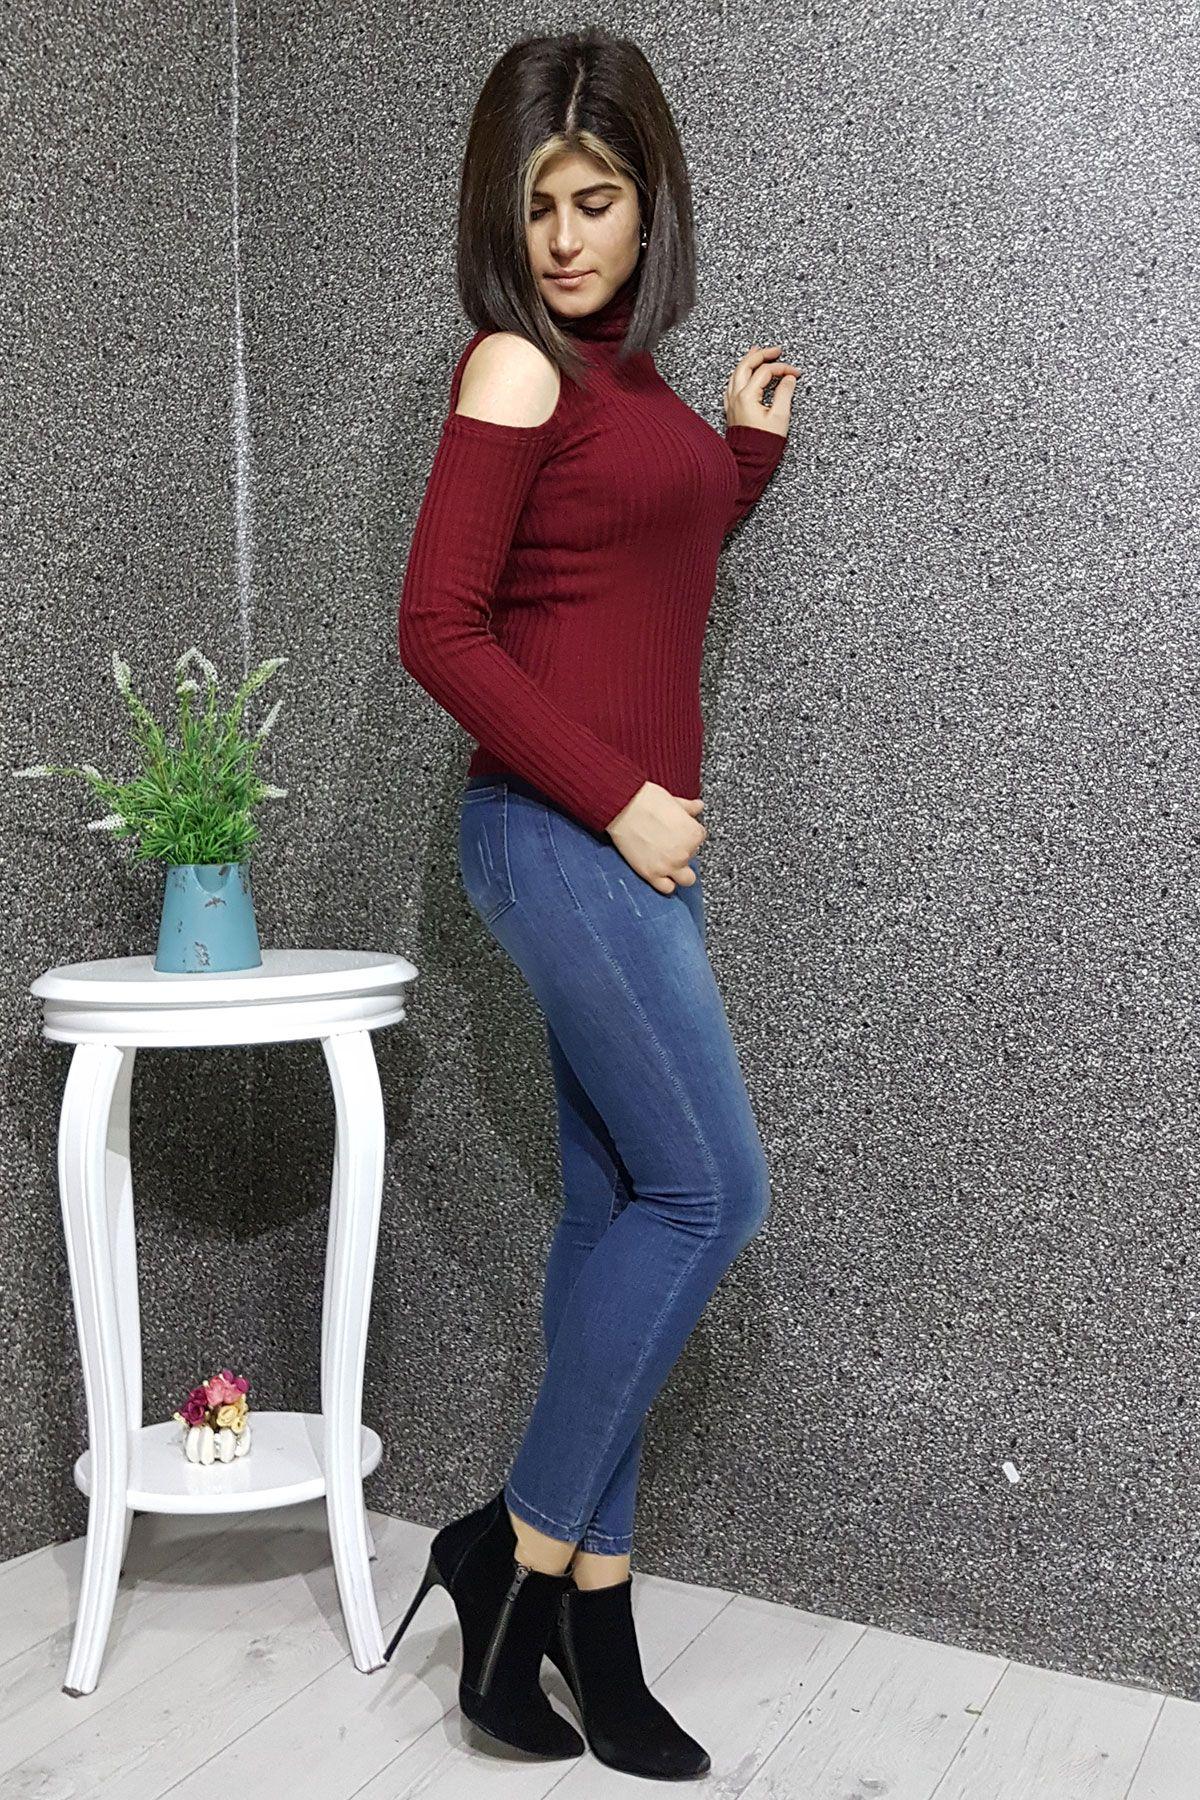 Kesik Kol Bogazli Bayan Kazak Moda Stilleri Kadin Giyim Giyim